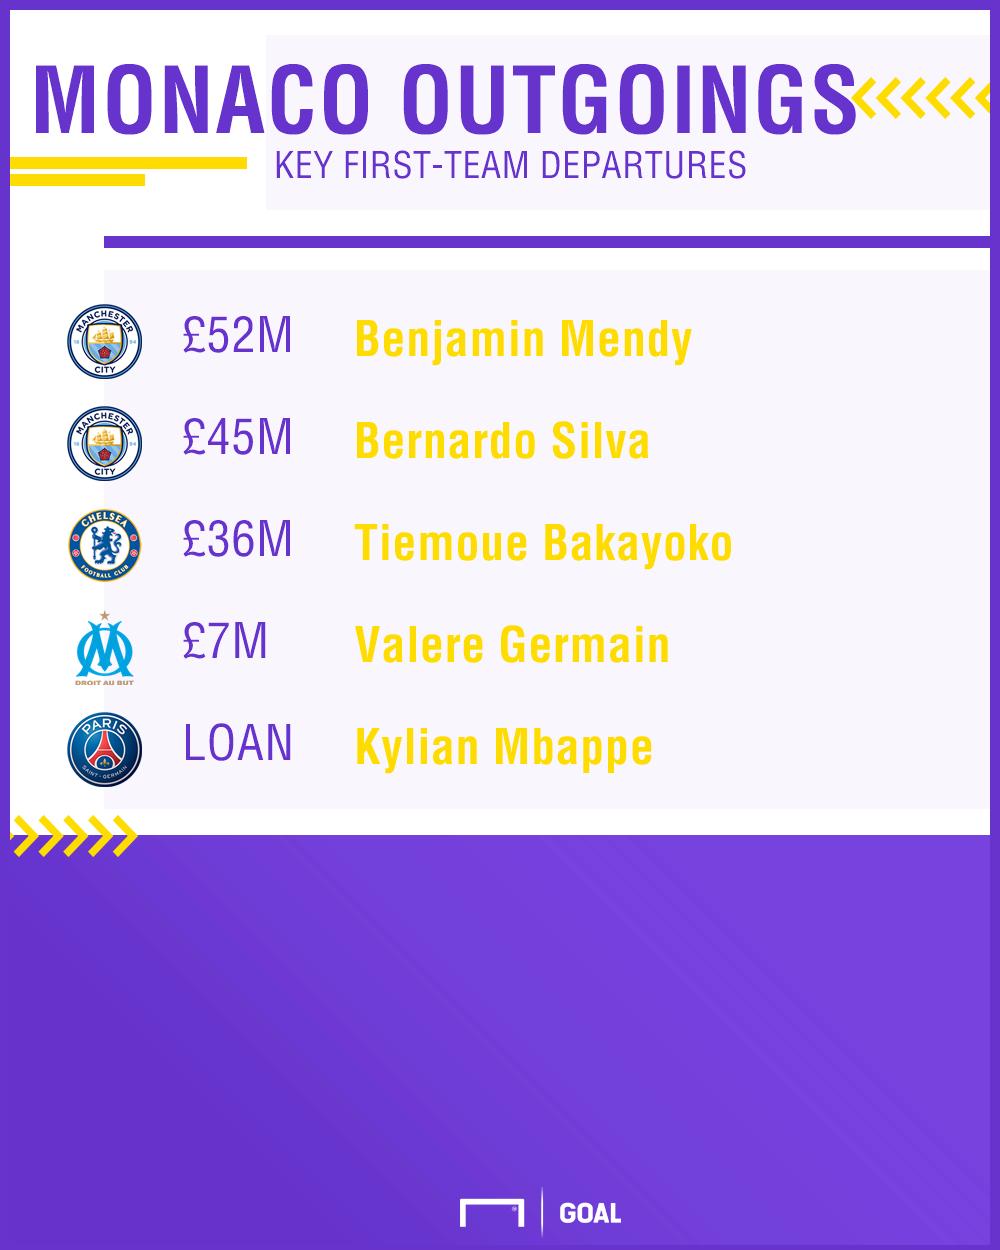 Monaco GFX transfers